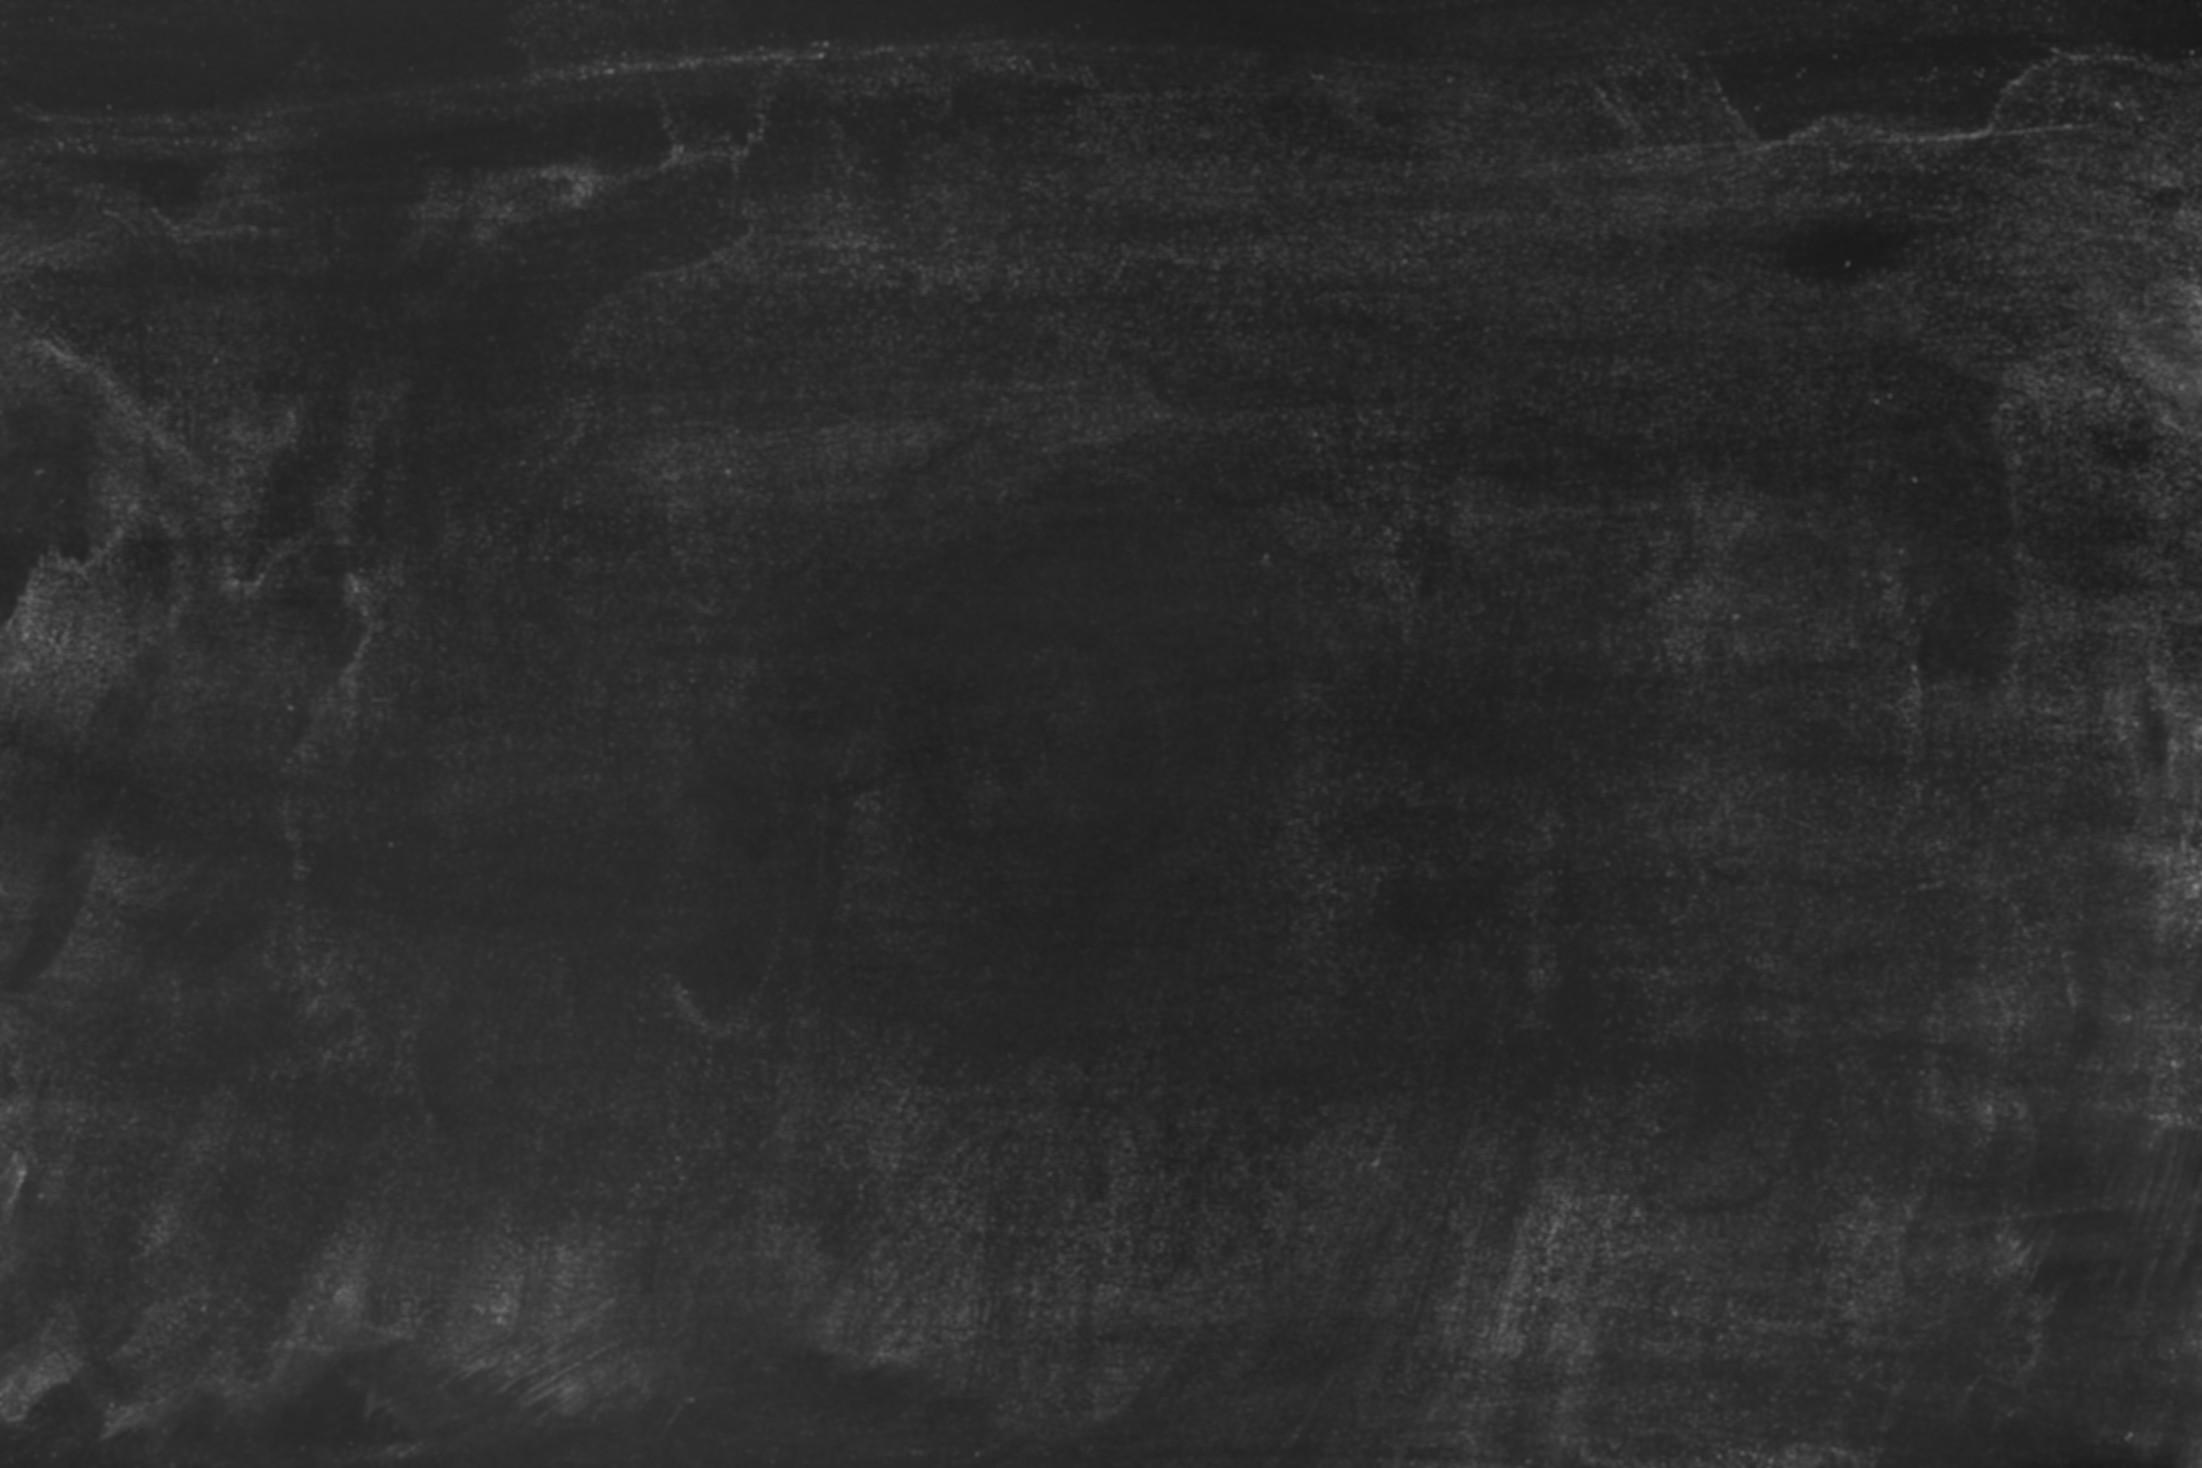 chalkboard-background-6.jpg